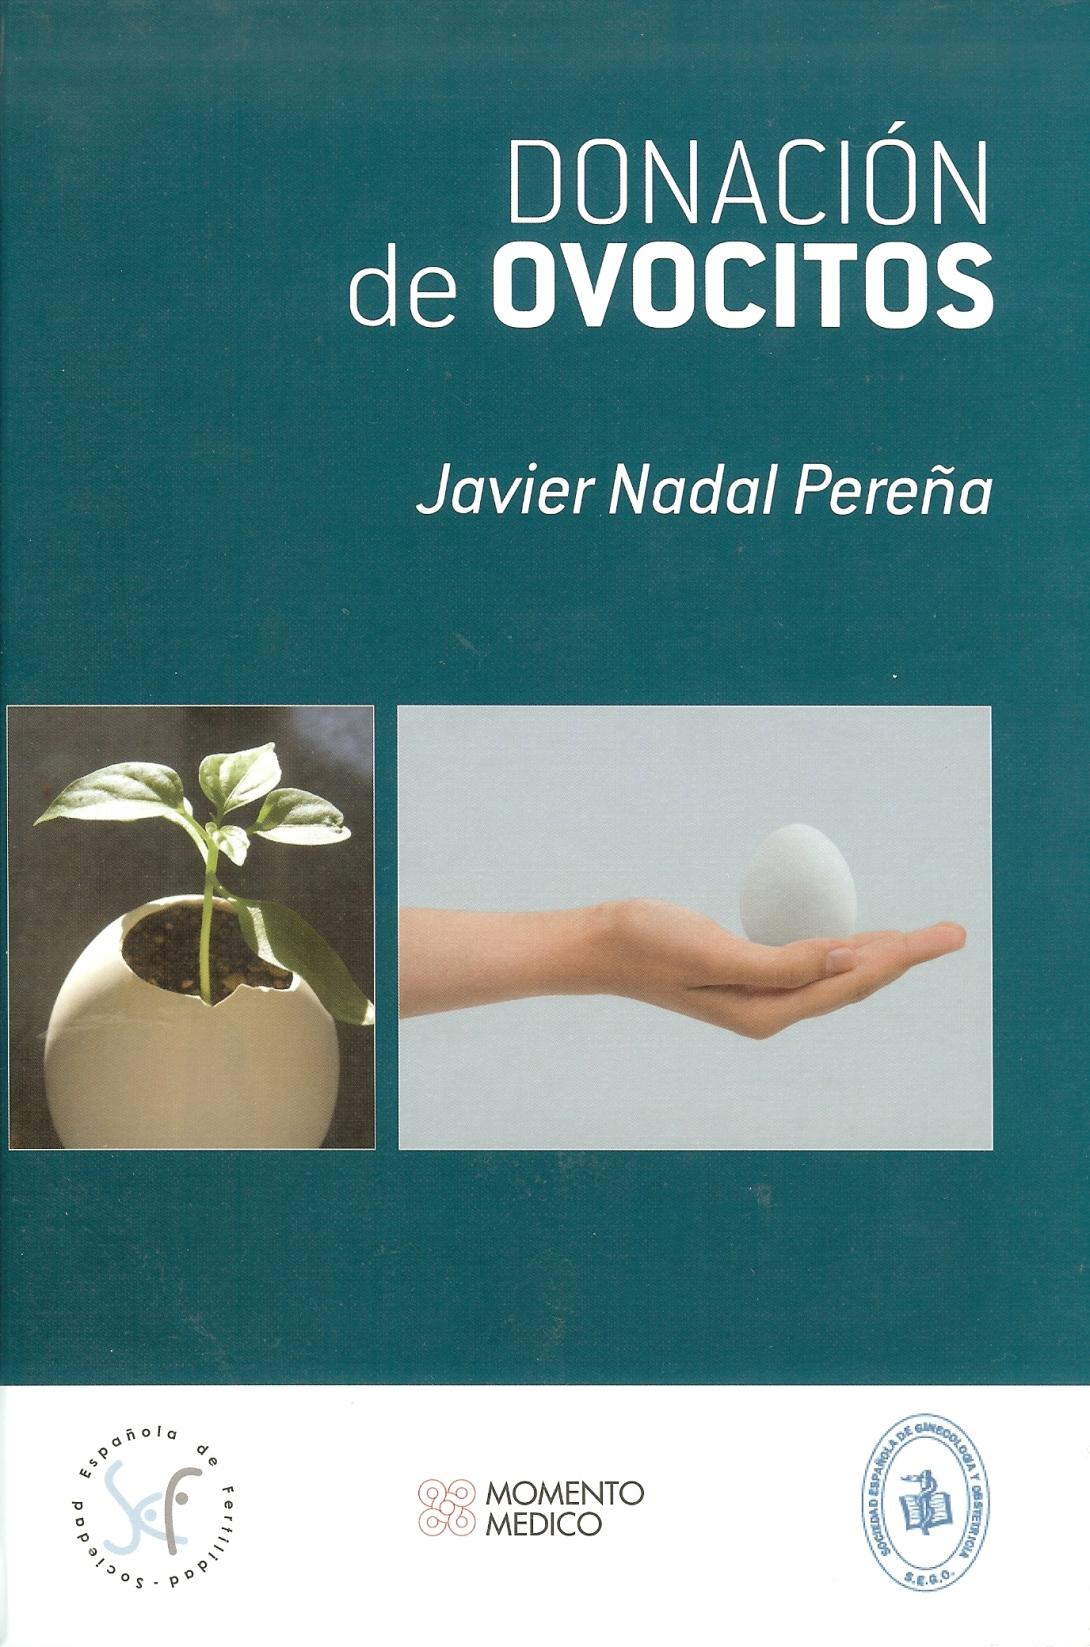 Egg Donation by: / Donación de Ovocitos por: Dr. Javier Nadal